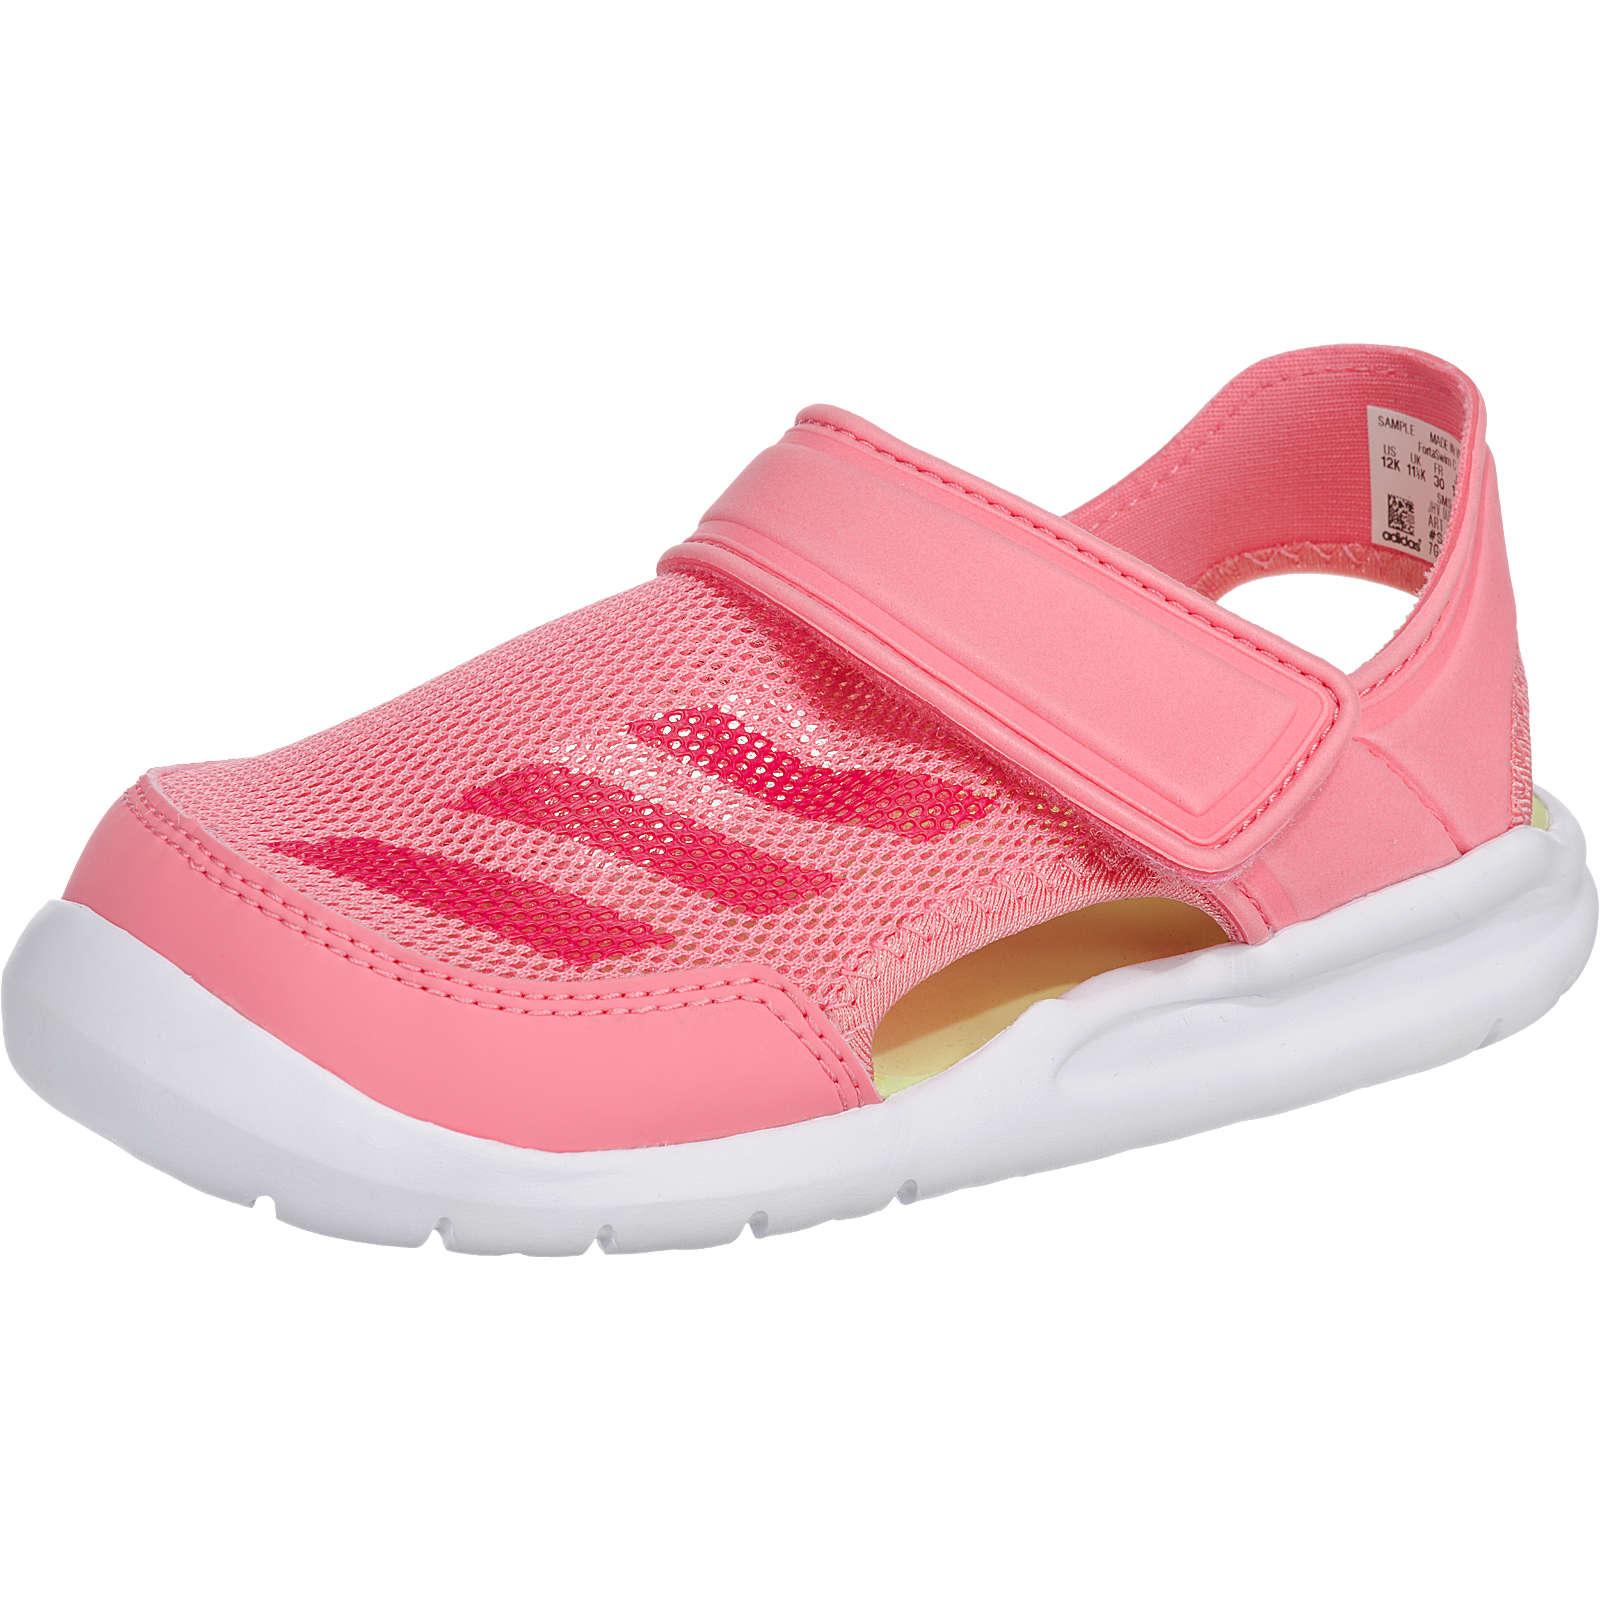 adidas Performance Baby Badeschuhe FortaSwim C für Mädchen rosa Mädchen Gr. 32